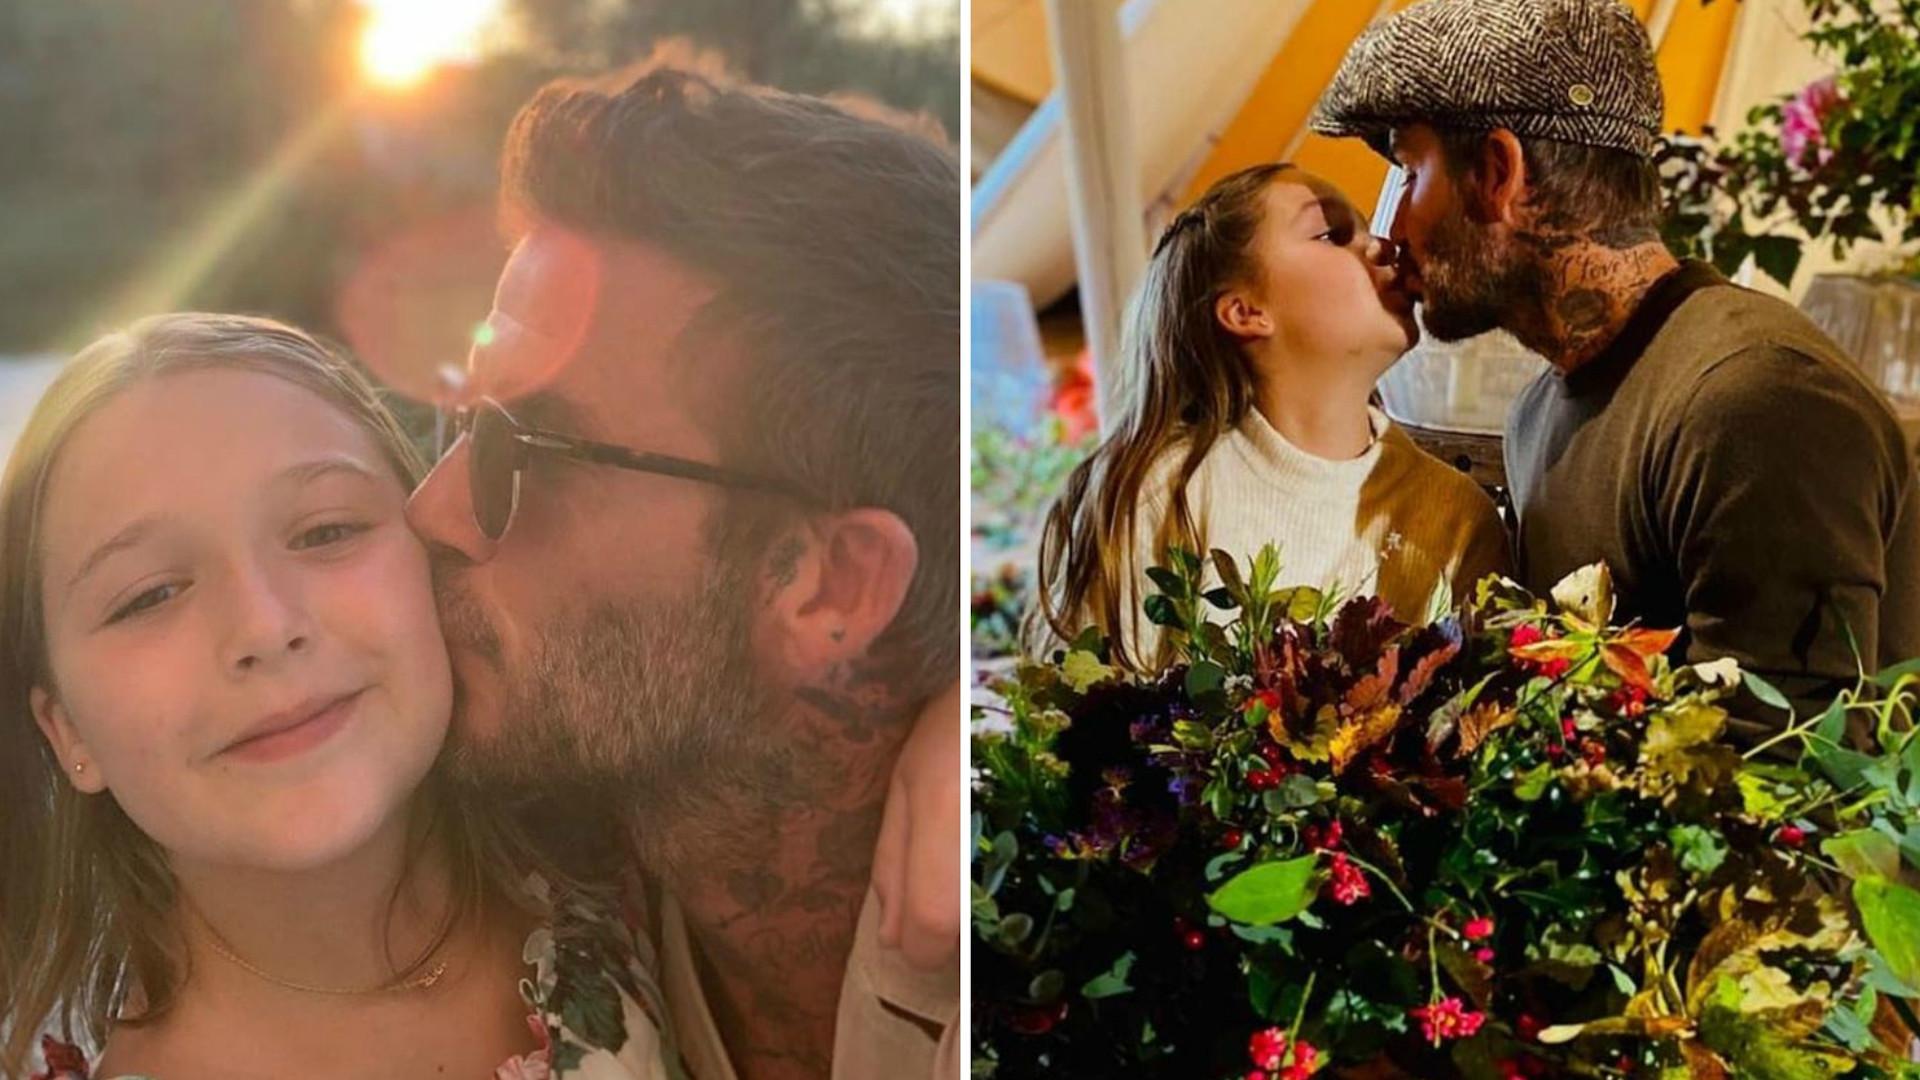 David Beckham skrytykowany. Poszło o CAŁOWANIE w usta 9-letniej córki